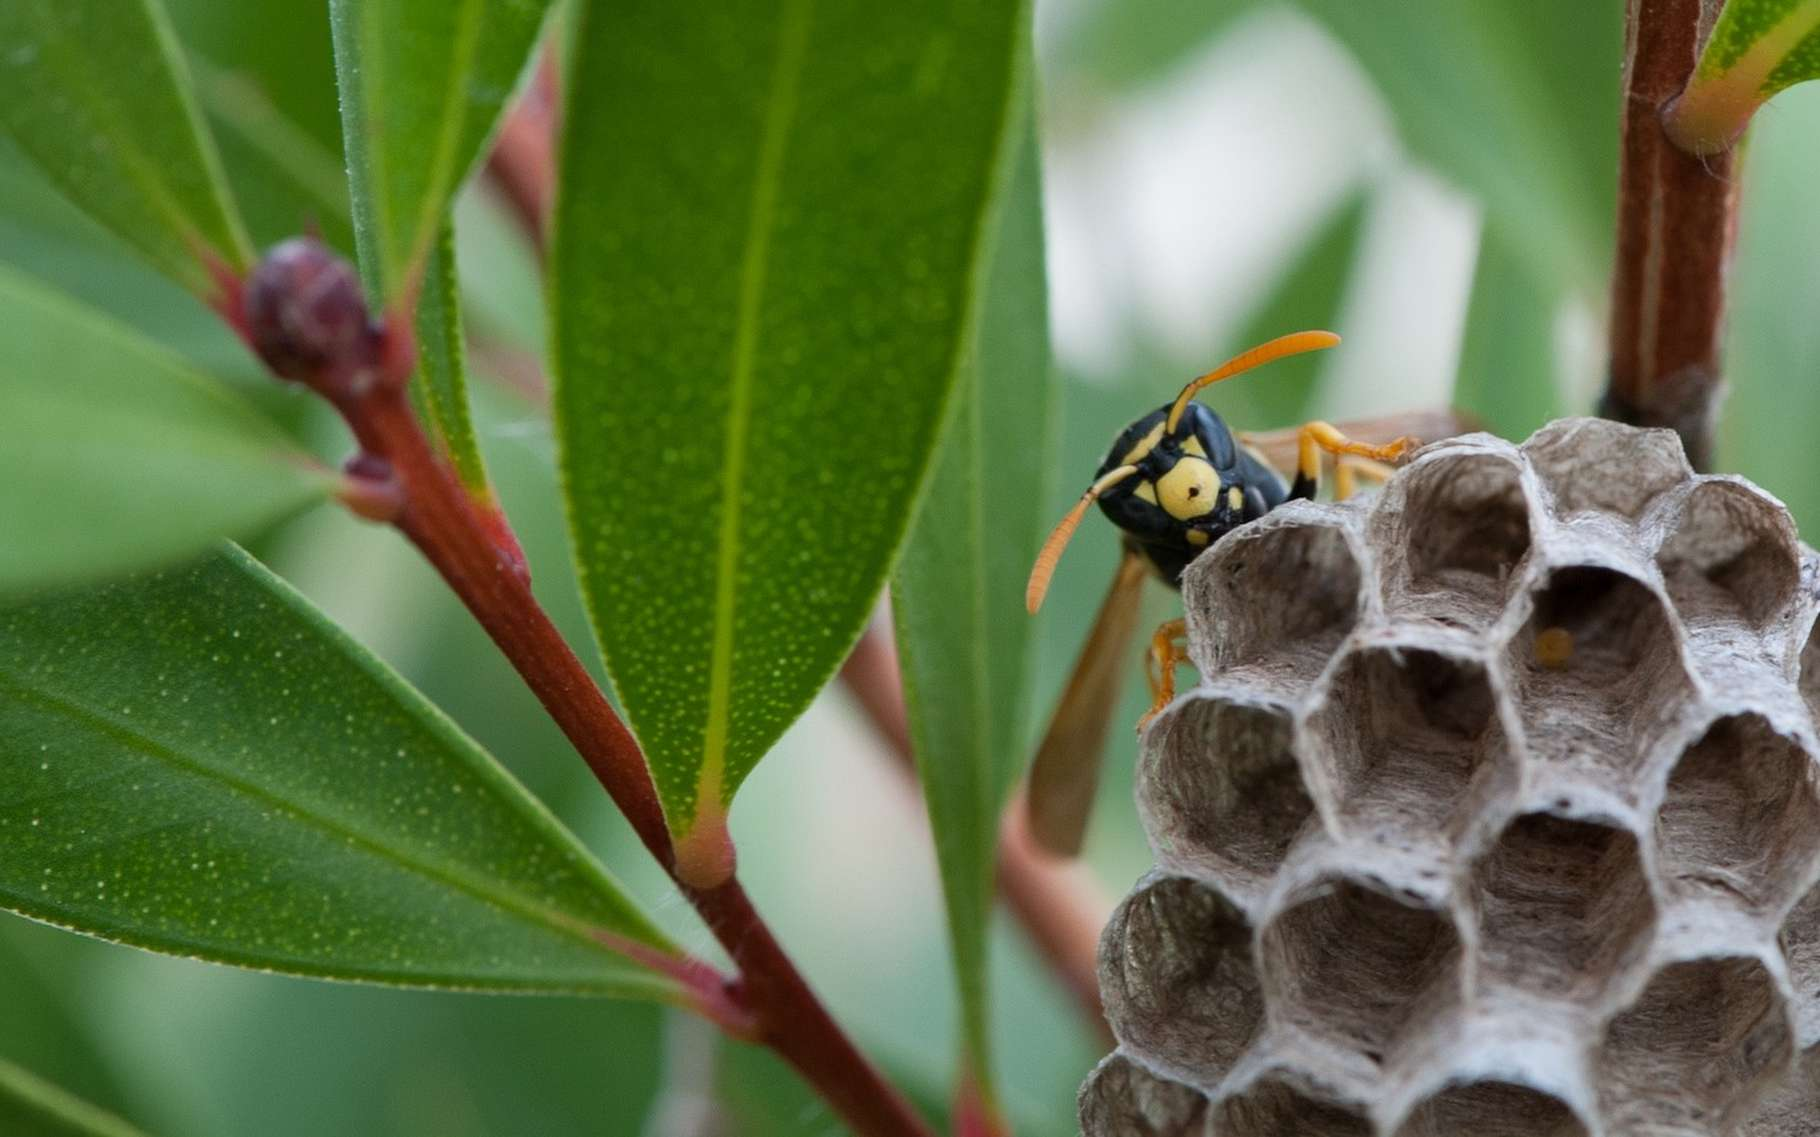 Les nids de guêpes sont tout simplement faits de papier mâché. © oreana3, Pixabay License